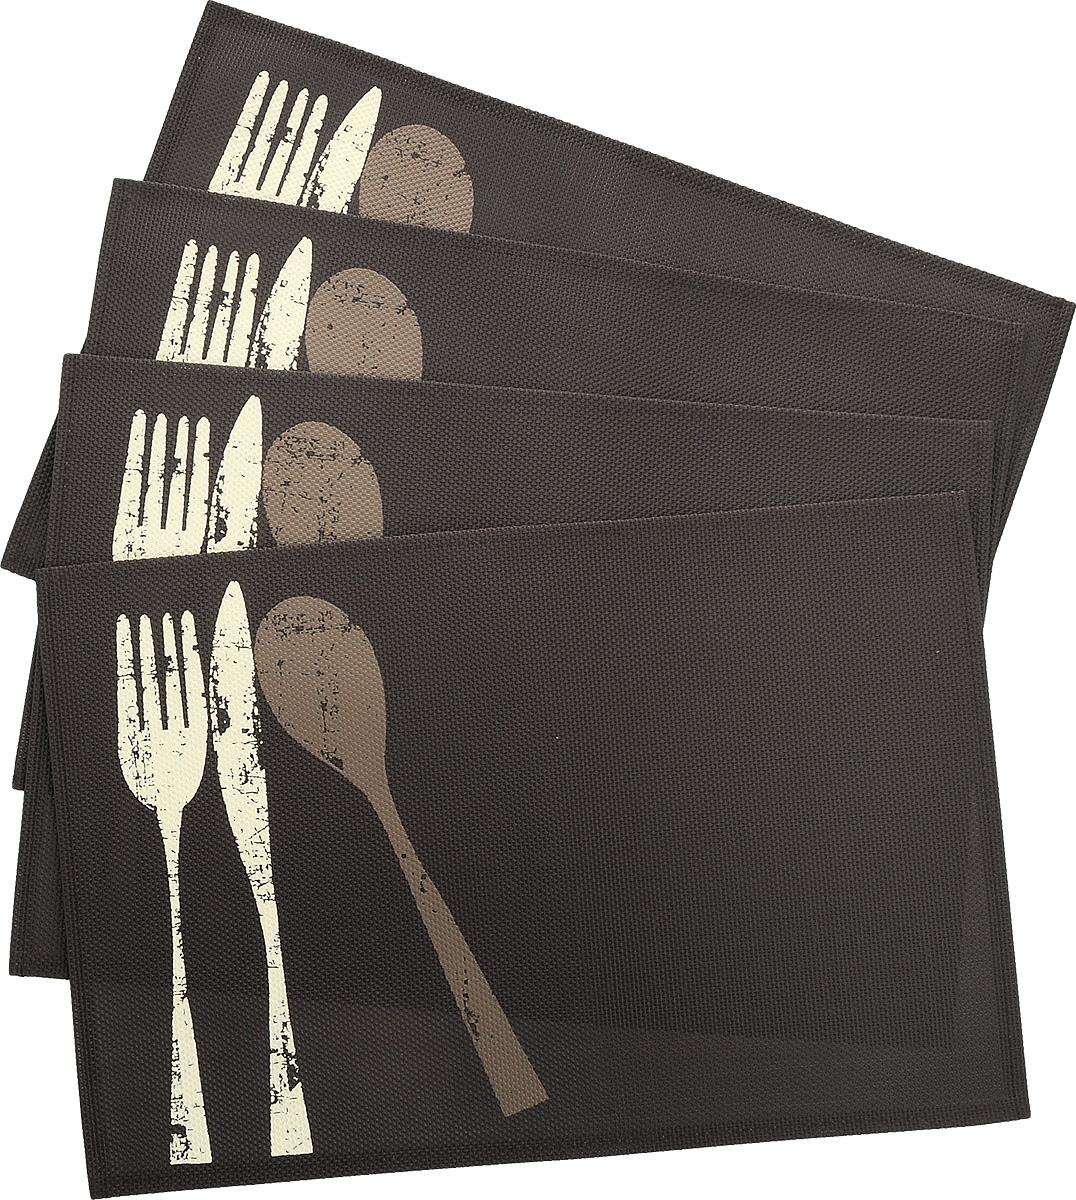 Салфетка сервировочная White Fox Приборы, цвет: коричневый, 30 x 45 см, 4 штS-15 Прованс IIСалфетка White Fox Приборы, выполненная из ПВХ, предназначена для сервировки стола. Она служит защитой от царапин и различных следов, а также используется в качестве подставки под горячее. Дизайнерский рисунок дополнит стильную сервировку стола. Край салфетки прострочен, что позволяет плетению не рассыпаться.